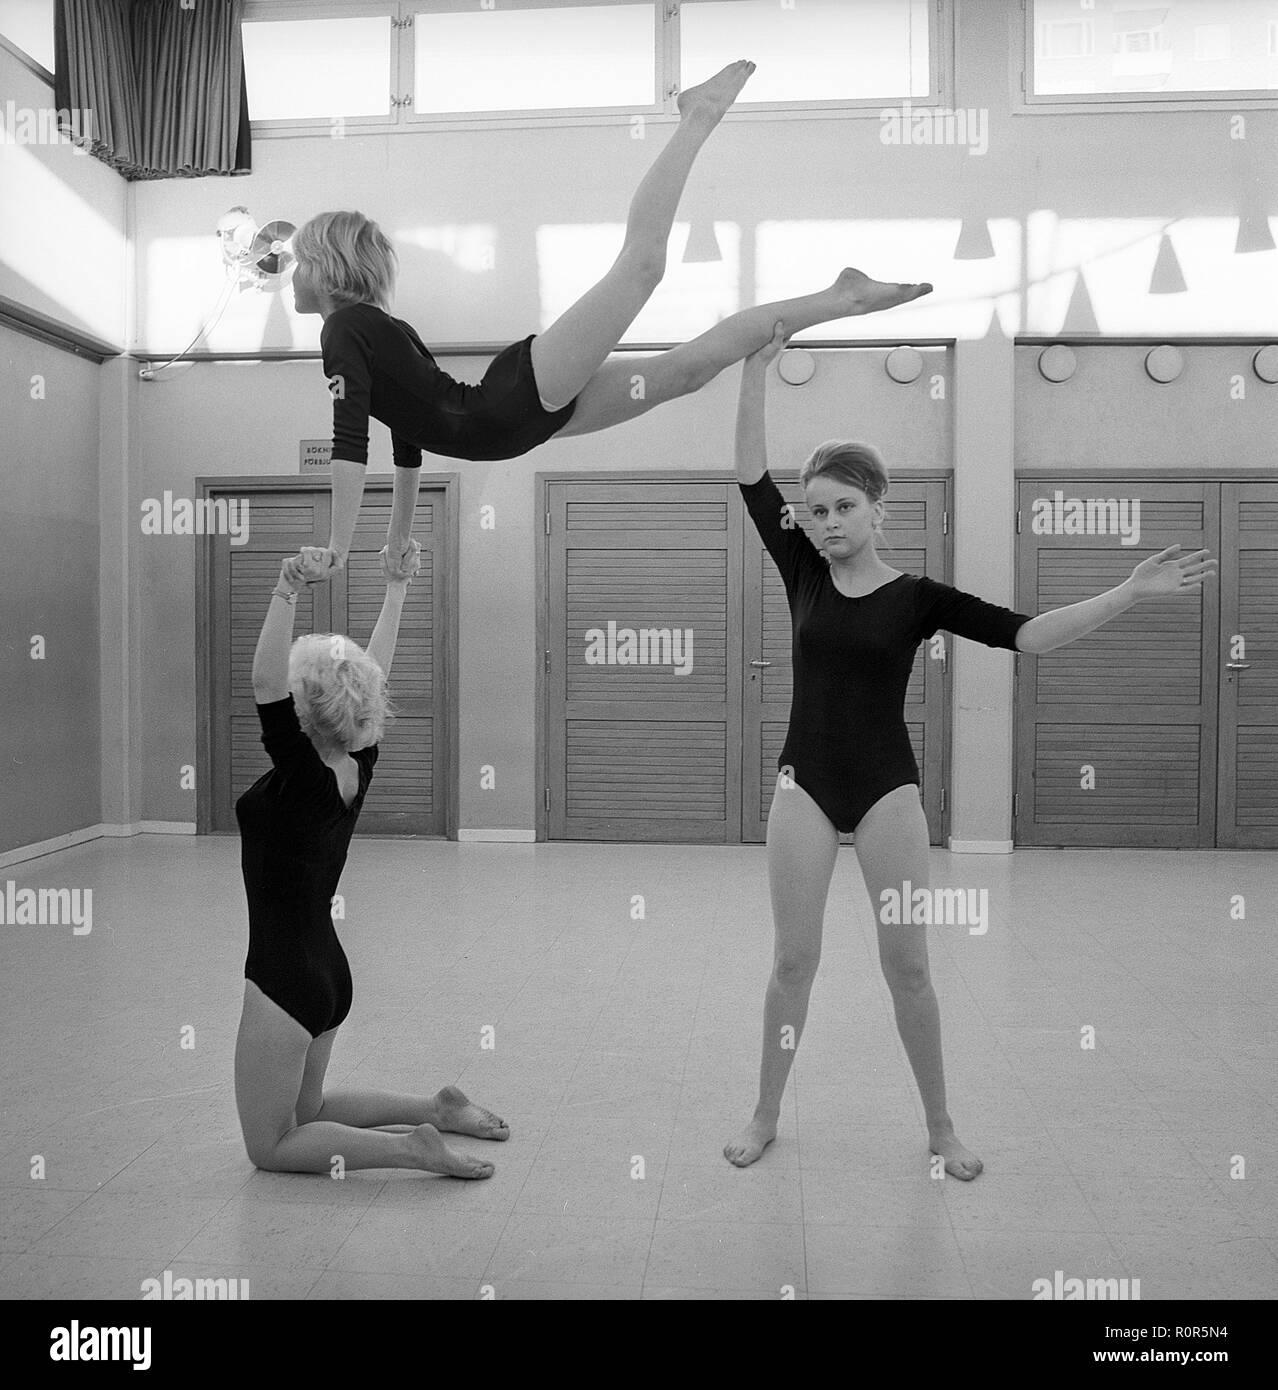 Gymnastik in den 1960er Jahren. Drei Mädchen im Teenageralter praktizieren Gymnastik zusammen in einem Gymnasium Halle. Schweden 1962 Stockbild